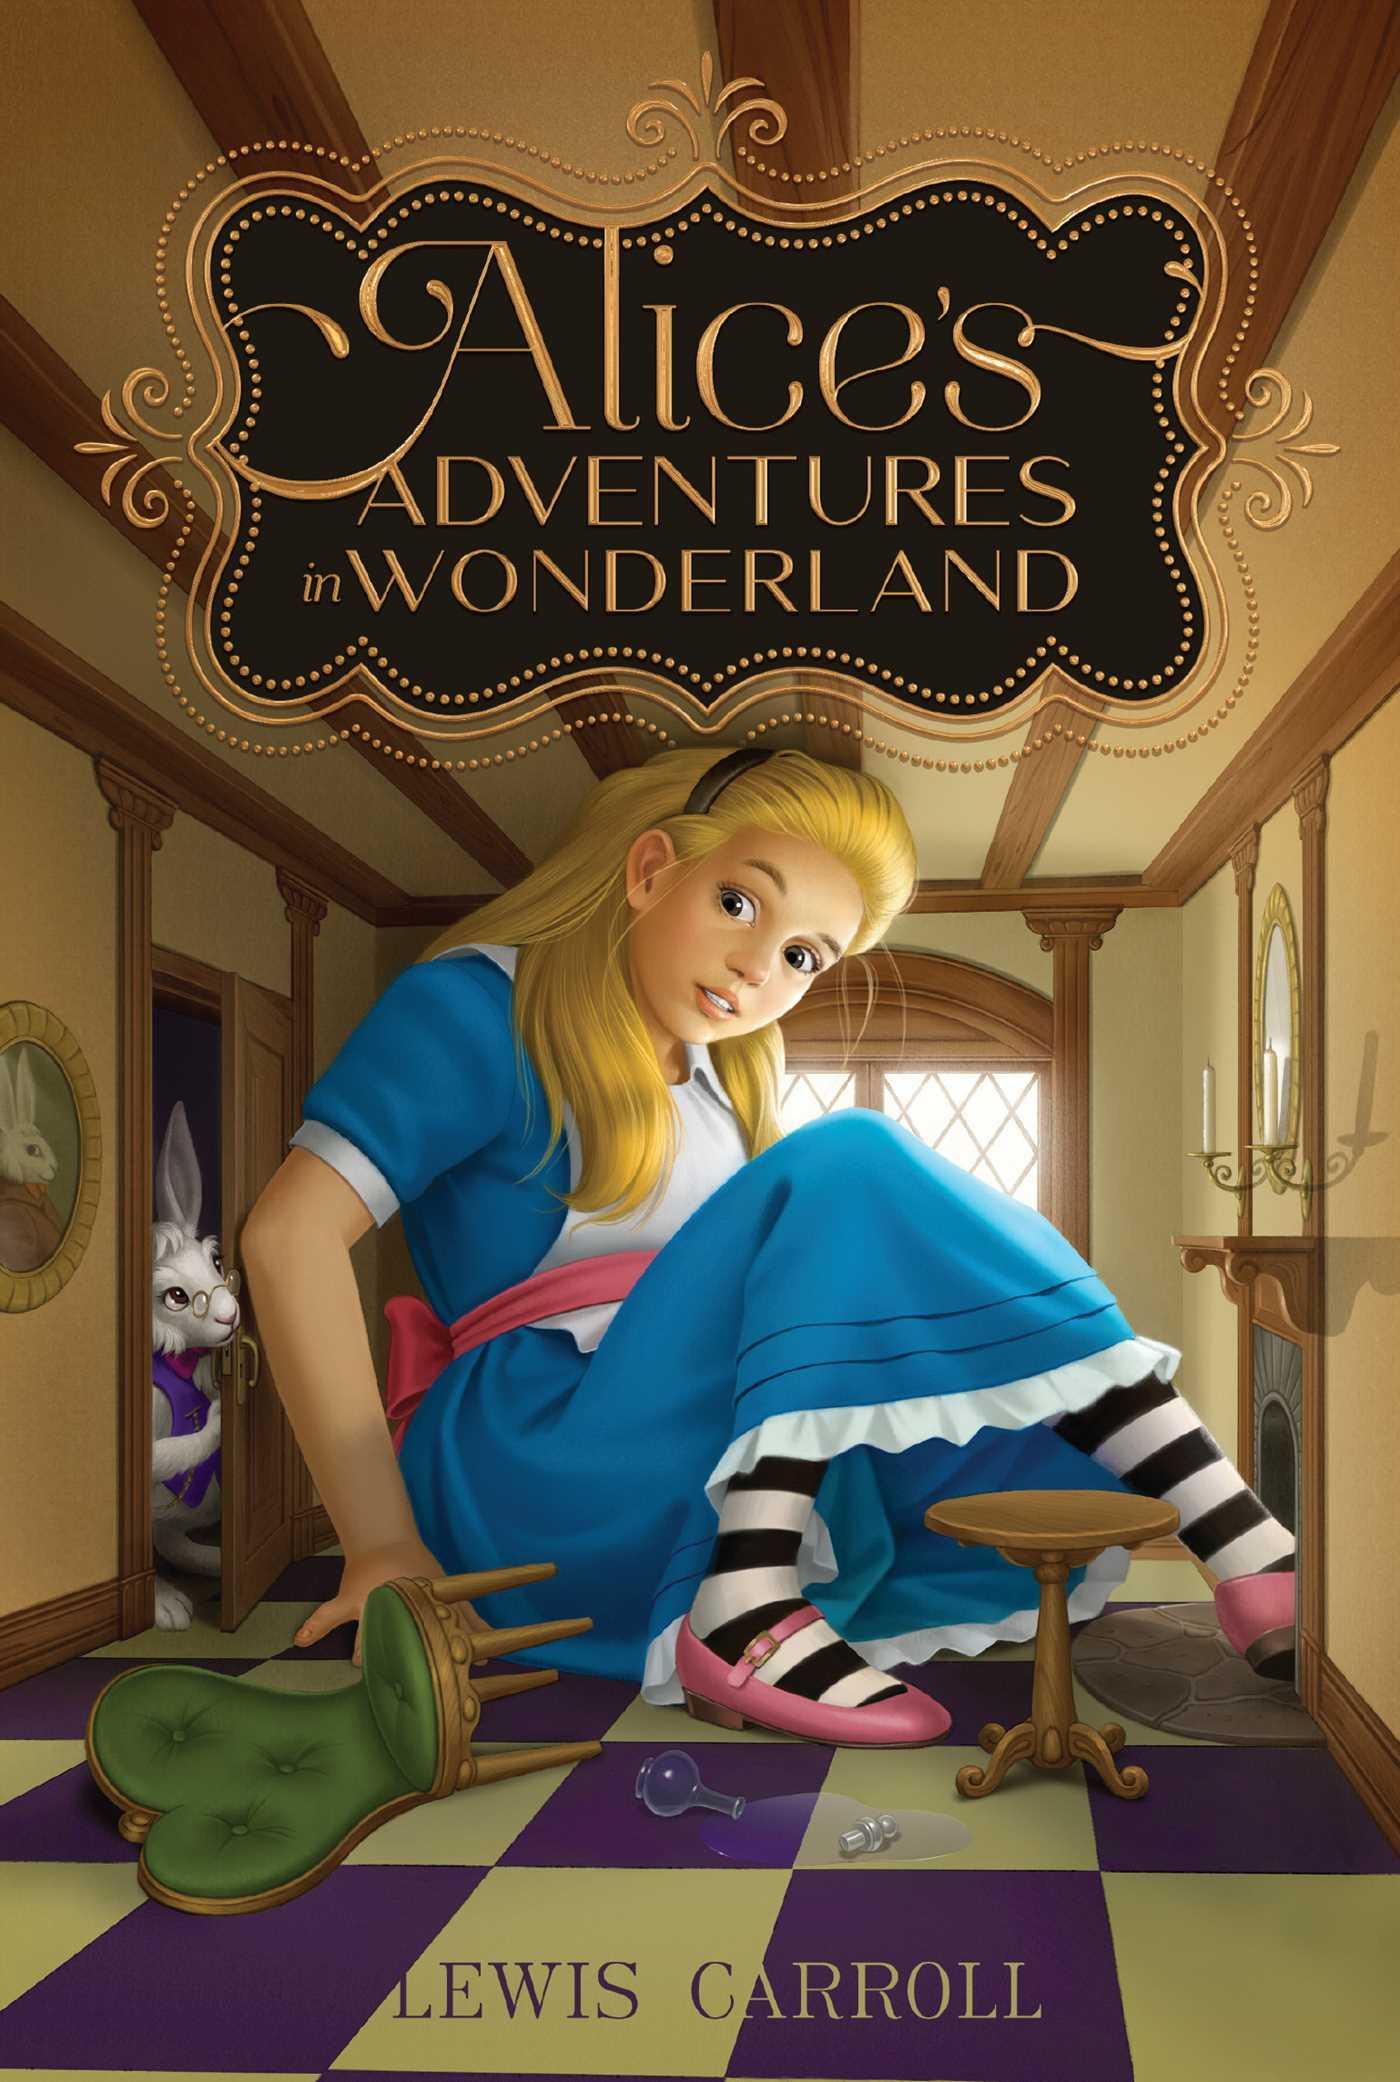 Alices adventures in wonderland 9781442458000 hr